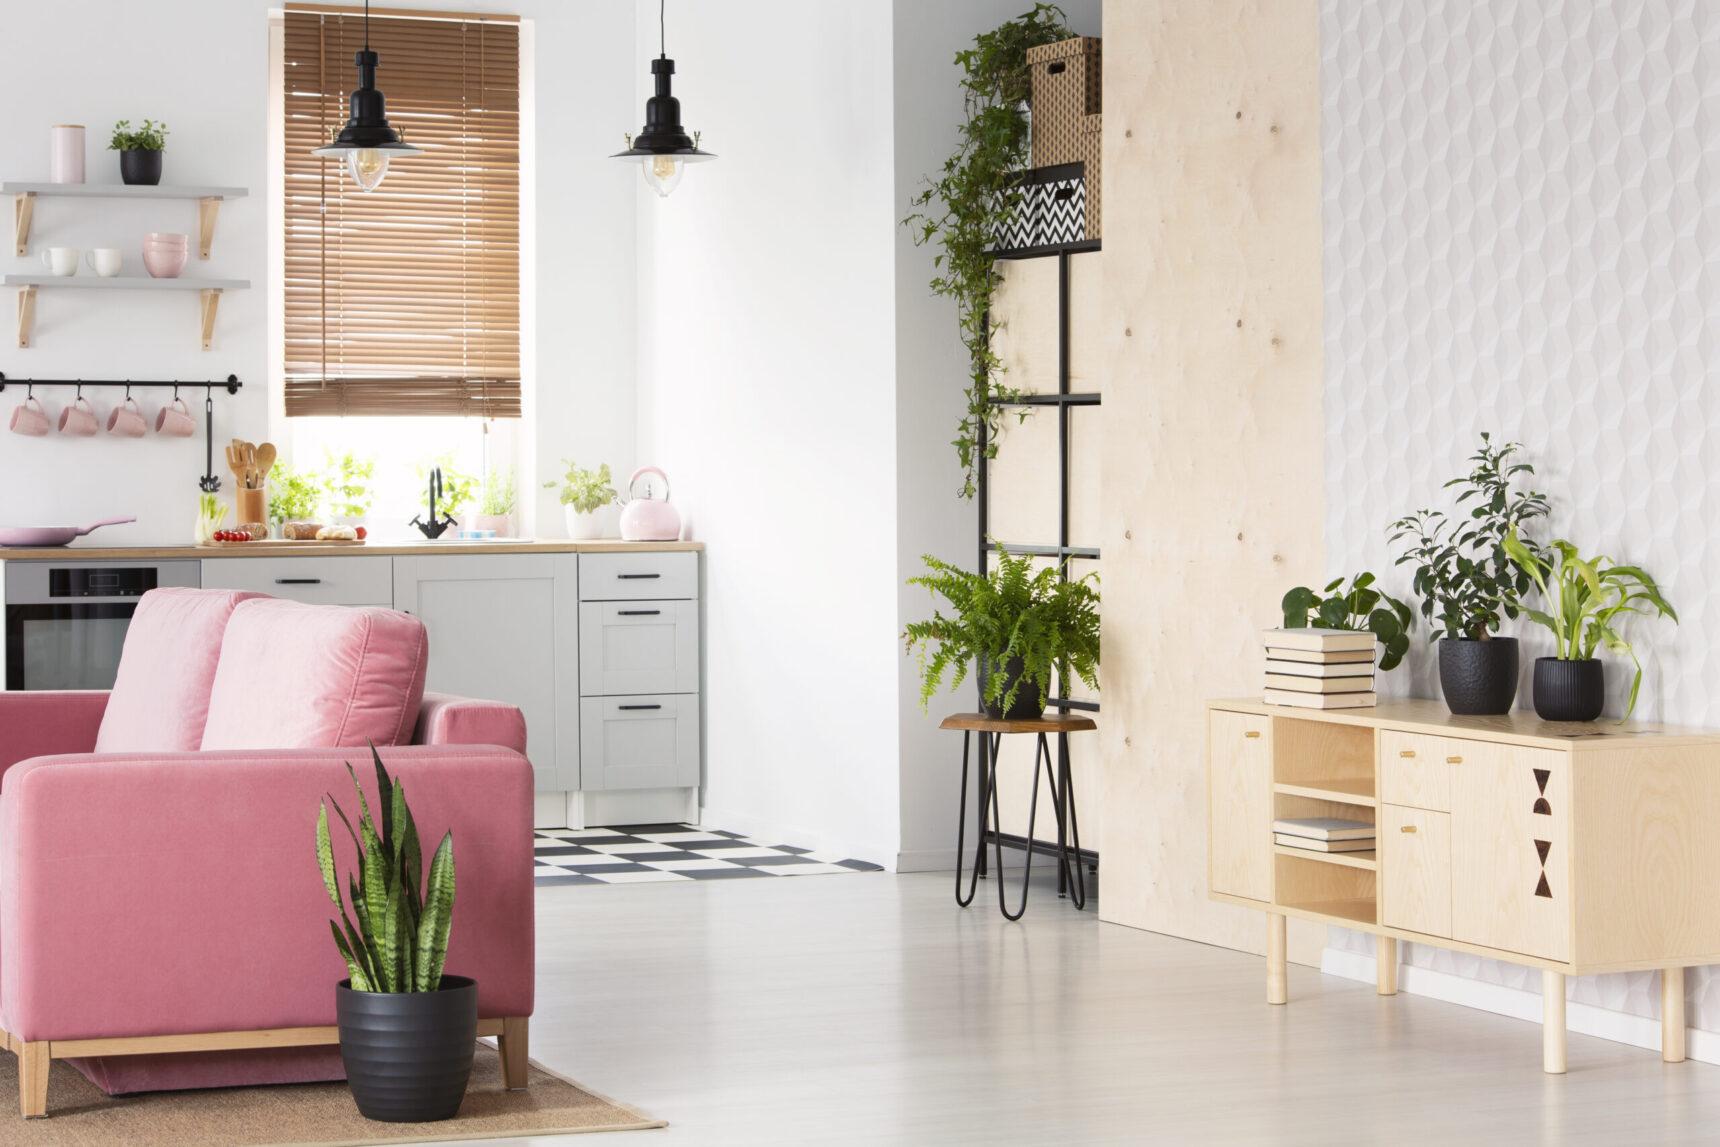 Kwiaty doniczkowe cieniolubne idealne do mieszkania i na balkon